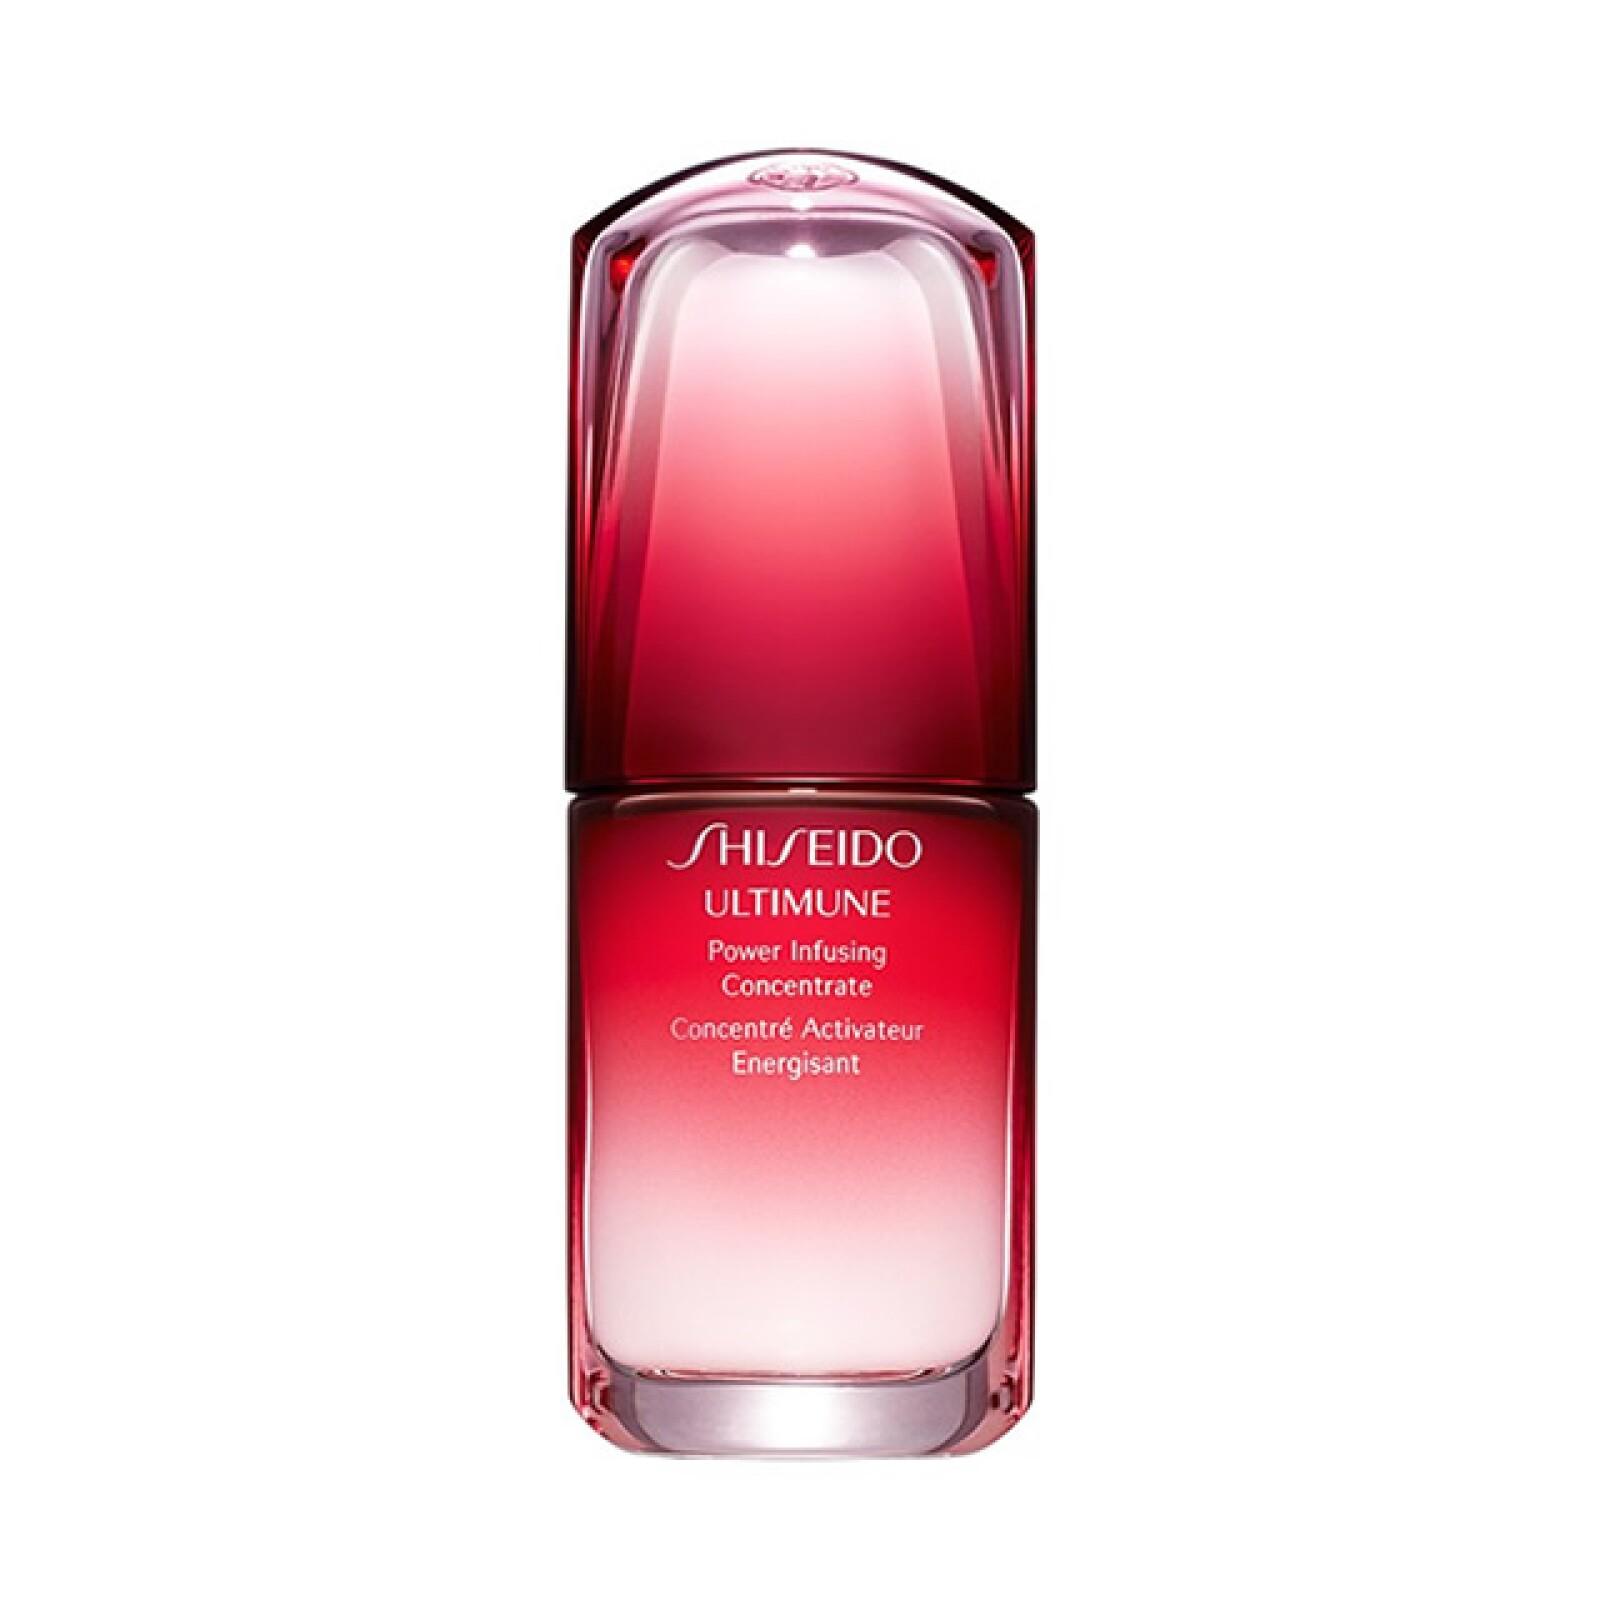 Shiseido: Ultimune Power Infusing Concentrate. El Palacio de Hierro Perisur. 1,900 pesos.